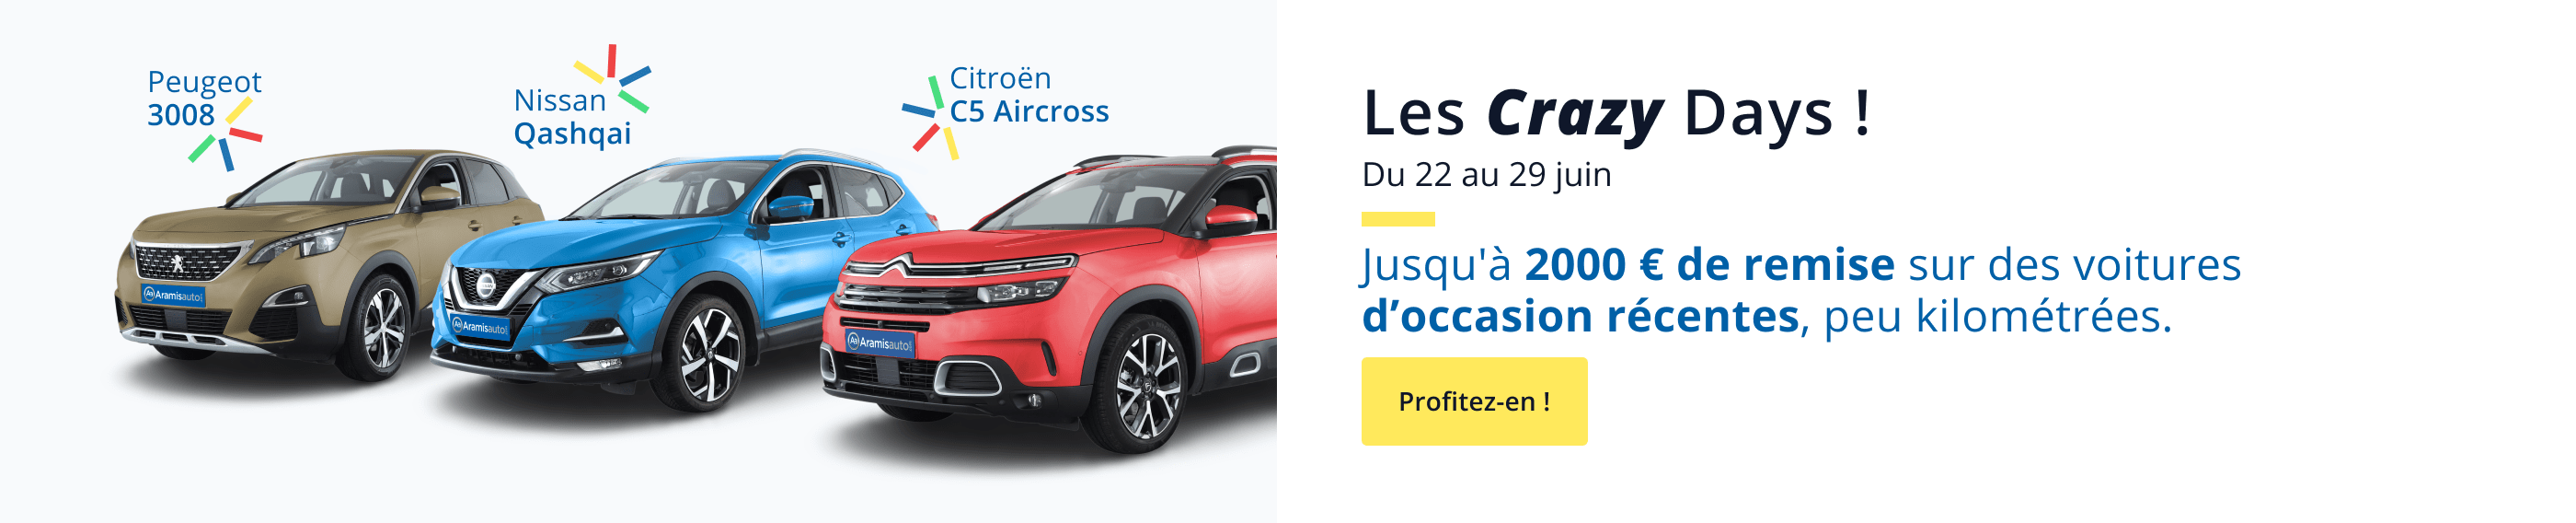 Les Crazy Days du 22 au 29 juin ! Jusqu'à 2000 € de remise sur des voitures d'occasion récentes, peu kilométrées.